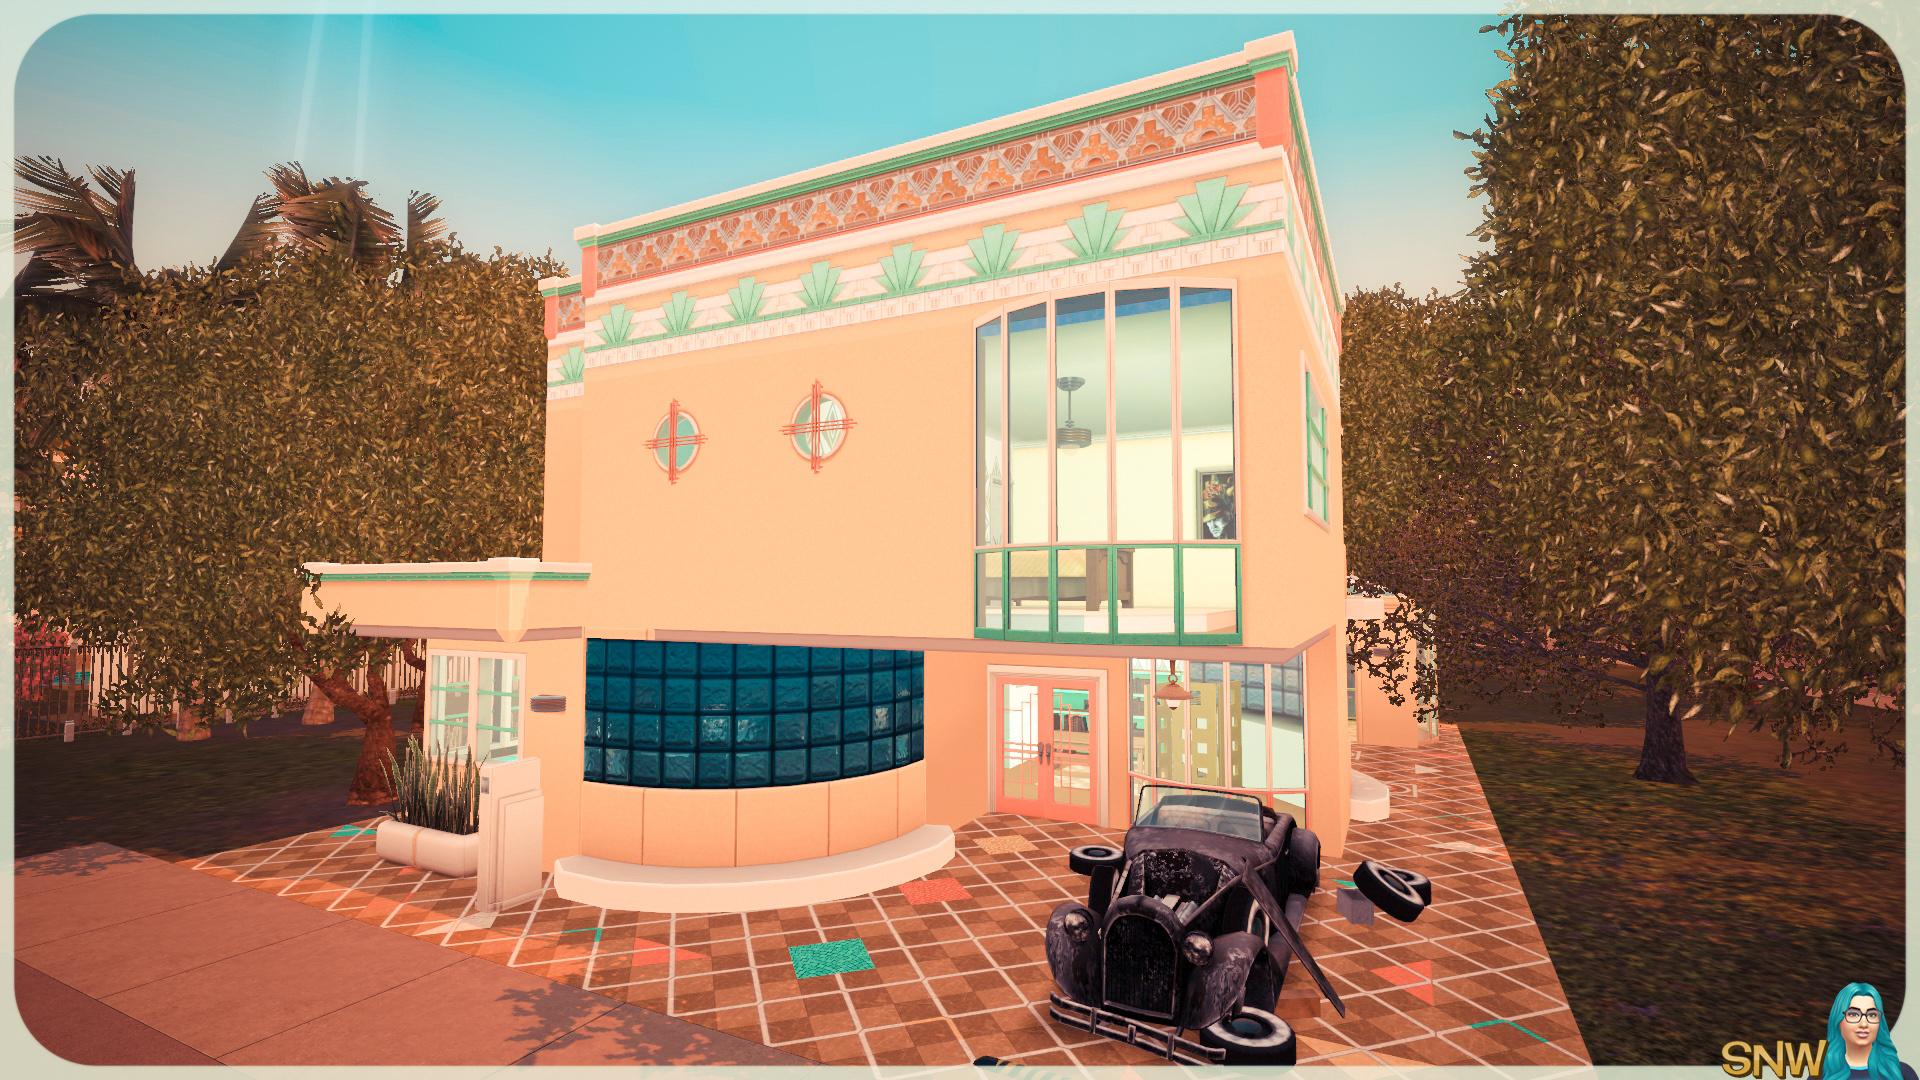 Zonnig art deco huis snw - Deco eigentijds design huis ...